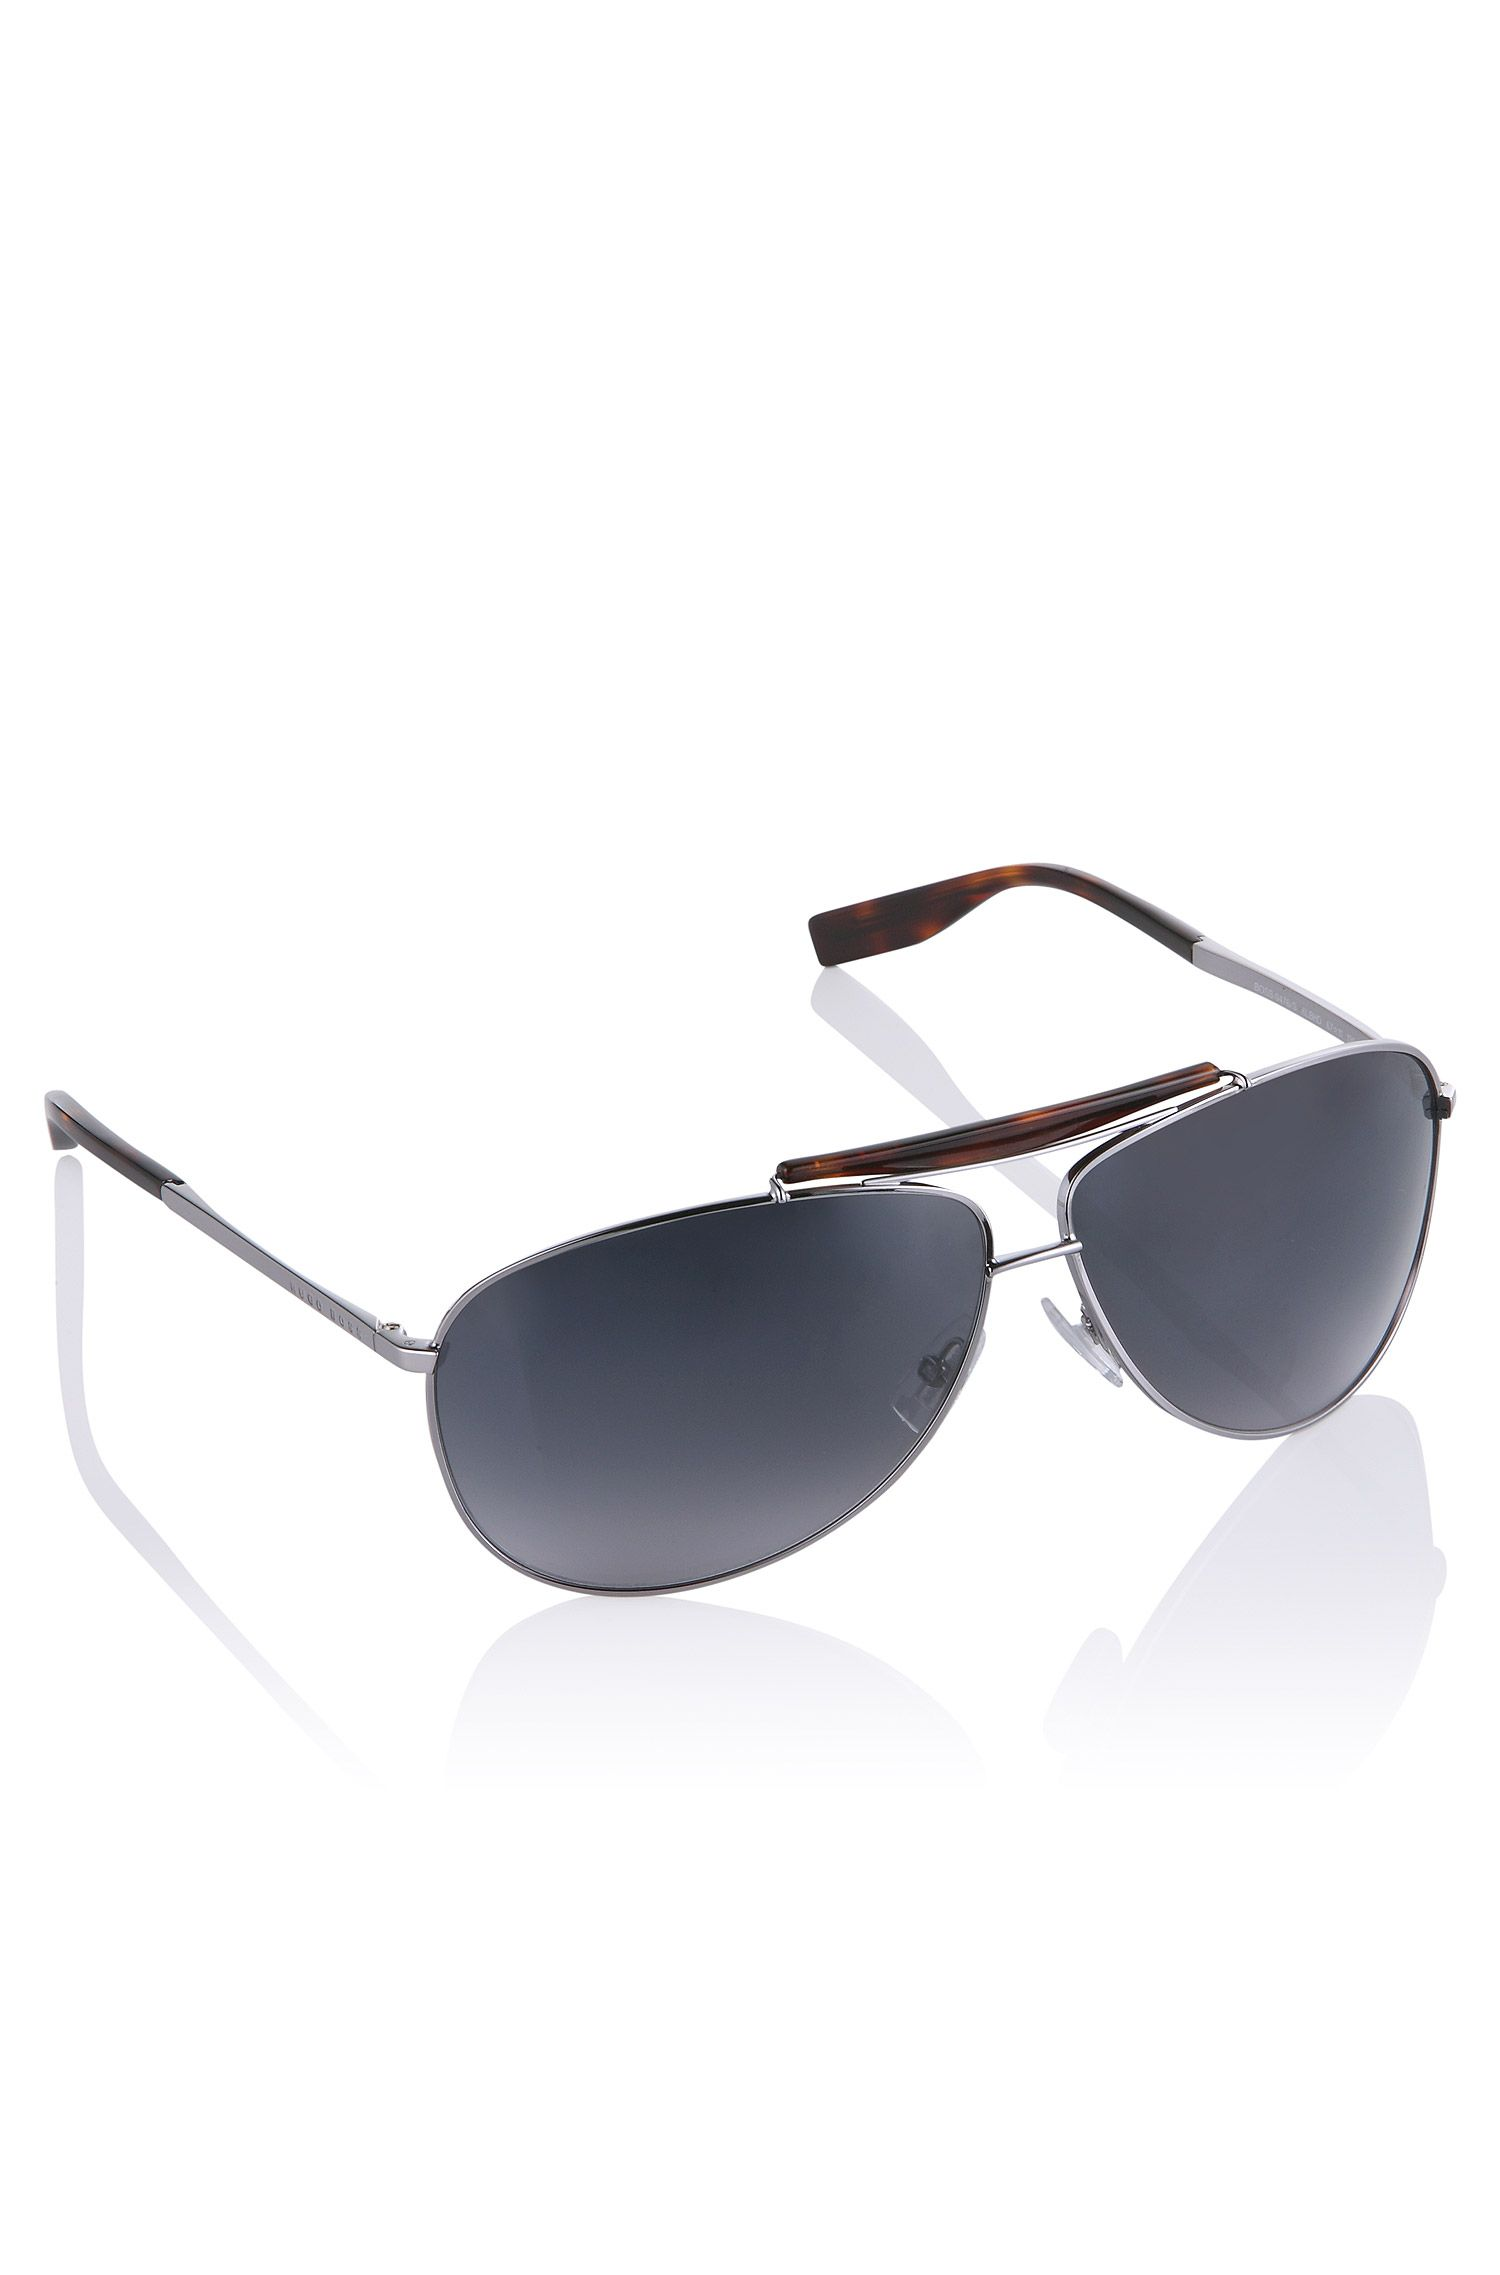 Sonnenbrille ´BOSS 0476/S` im Piloten-Stil